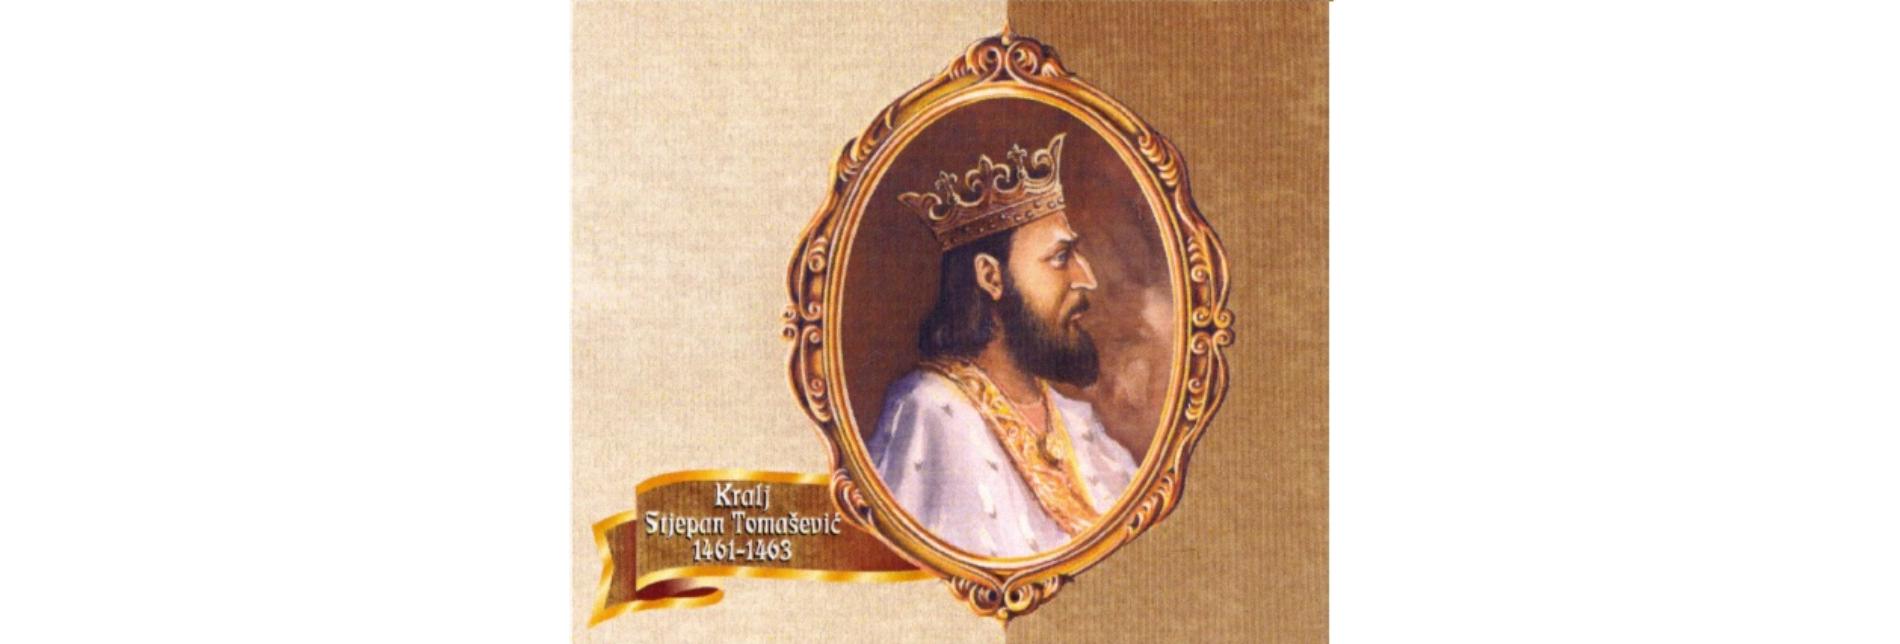 GLASNIK ZEMALJSKOG MUZEJA, 1889. – O smrti Stjepana Tomaševića, zadnjeg kralja bosanskoga